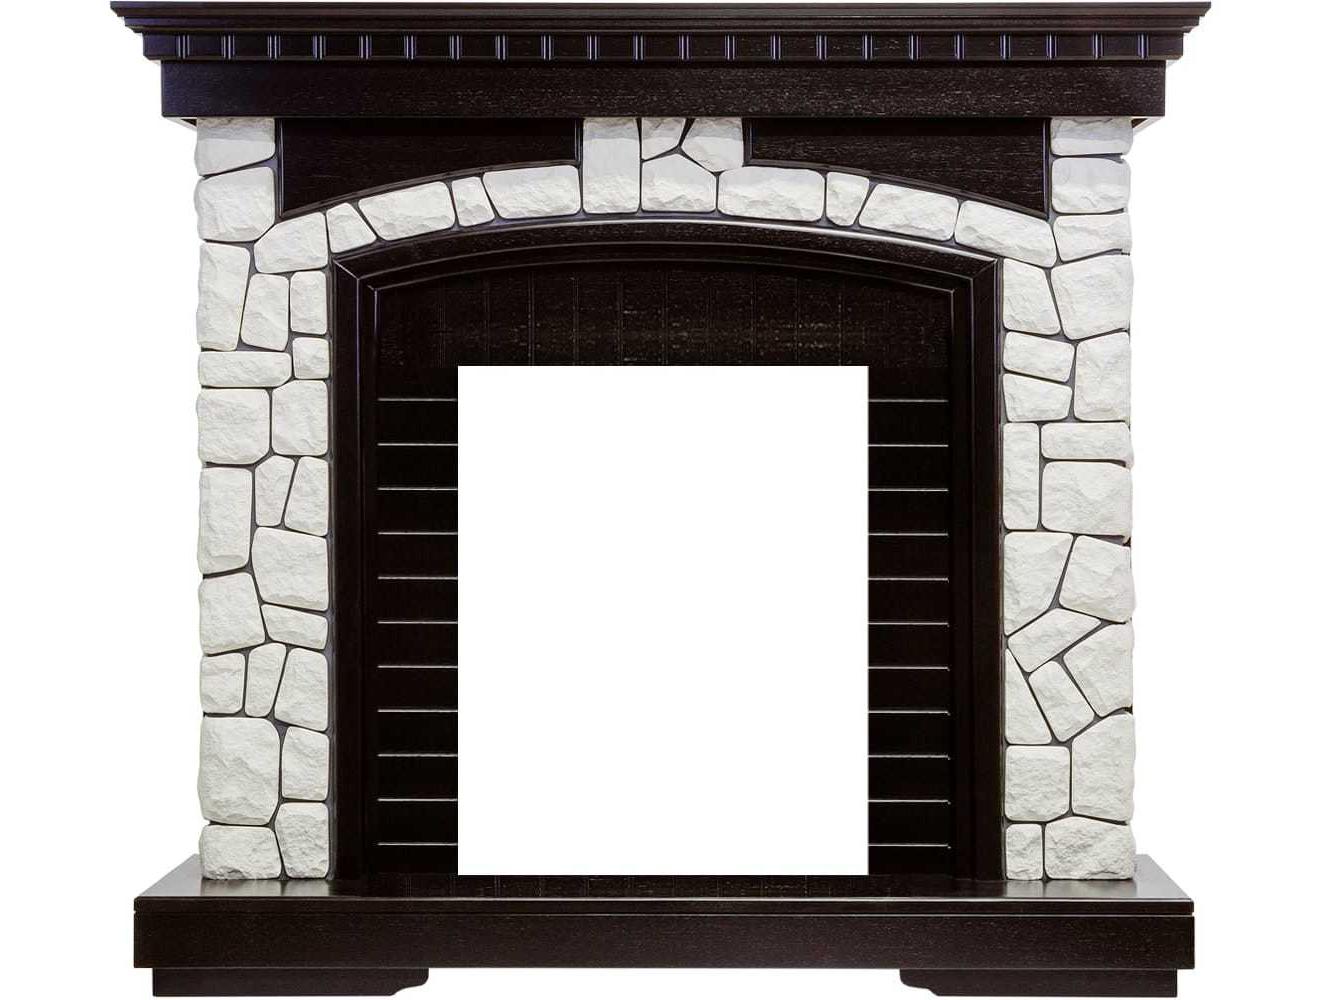 Портал GlasgowКамины, порталы и очаги<br>Портал Glazgo  прекрасно подойдёт для интерьера в стиле шале или для интерьеров в стиле кантри. Портал выполнен из материала, имитирующего натуральный камень белого цвета. Деревянные элементы обрамления могут быть двух цветов: венге и темный дуб.&amp;lt;div&amp;gt;&amp;lt;br&amp;gt;&amp;lt;/div&amp;gt;&amp;lt;div&amp;gt;Материал: МДФ, натуральный шпон, гипс&amp;lt;/div&amp;gt;&amp;lt;div&amp;gt;&amp;lt;br&amp;gt;&amp;lt;/div&amp;gt;<br><br>Material: МДФ<br>Ширина см: 116.0<br>Высота см: 111.0<br>Глубина см: 40.0